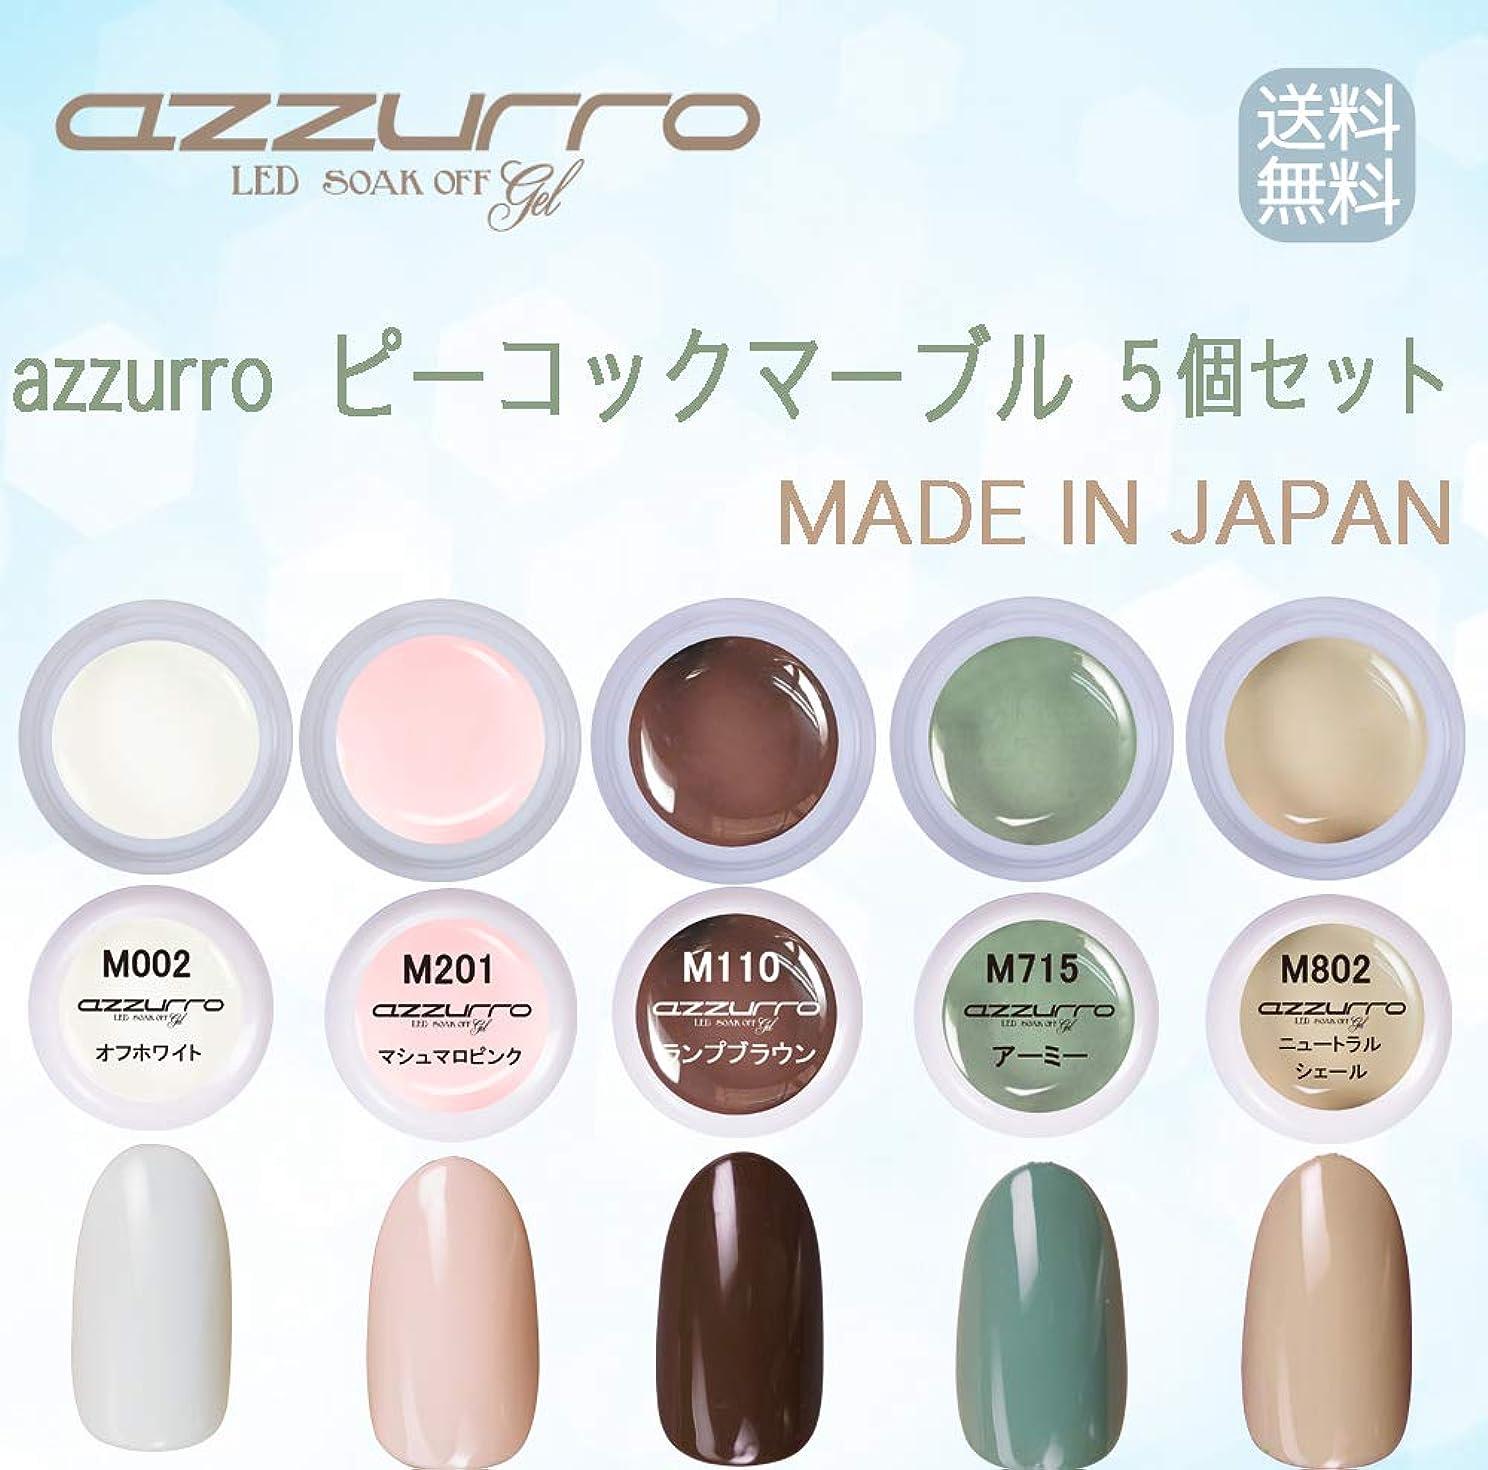 感心するロデオ連隊【送料無料】日本製 azzurro gel ピーコックマーブルカラージェル5個セット 簡単でおしゃれにアートができるフェザーマーブルカラー